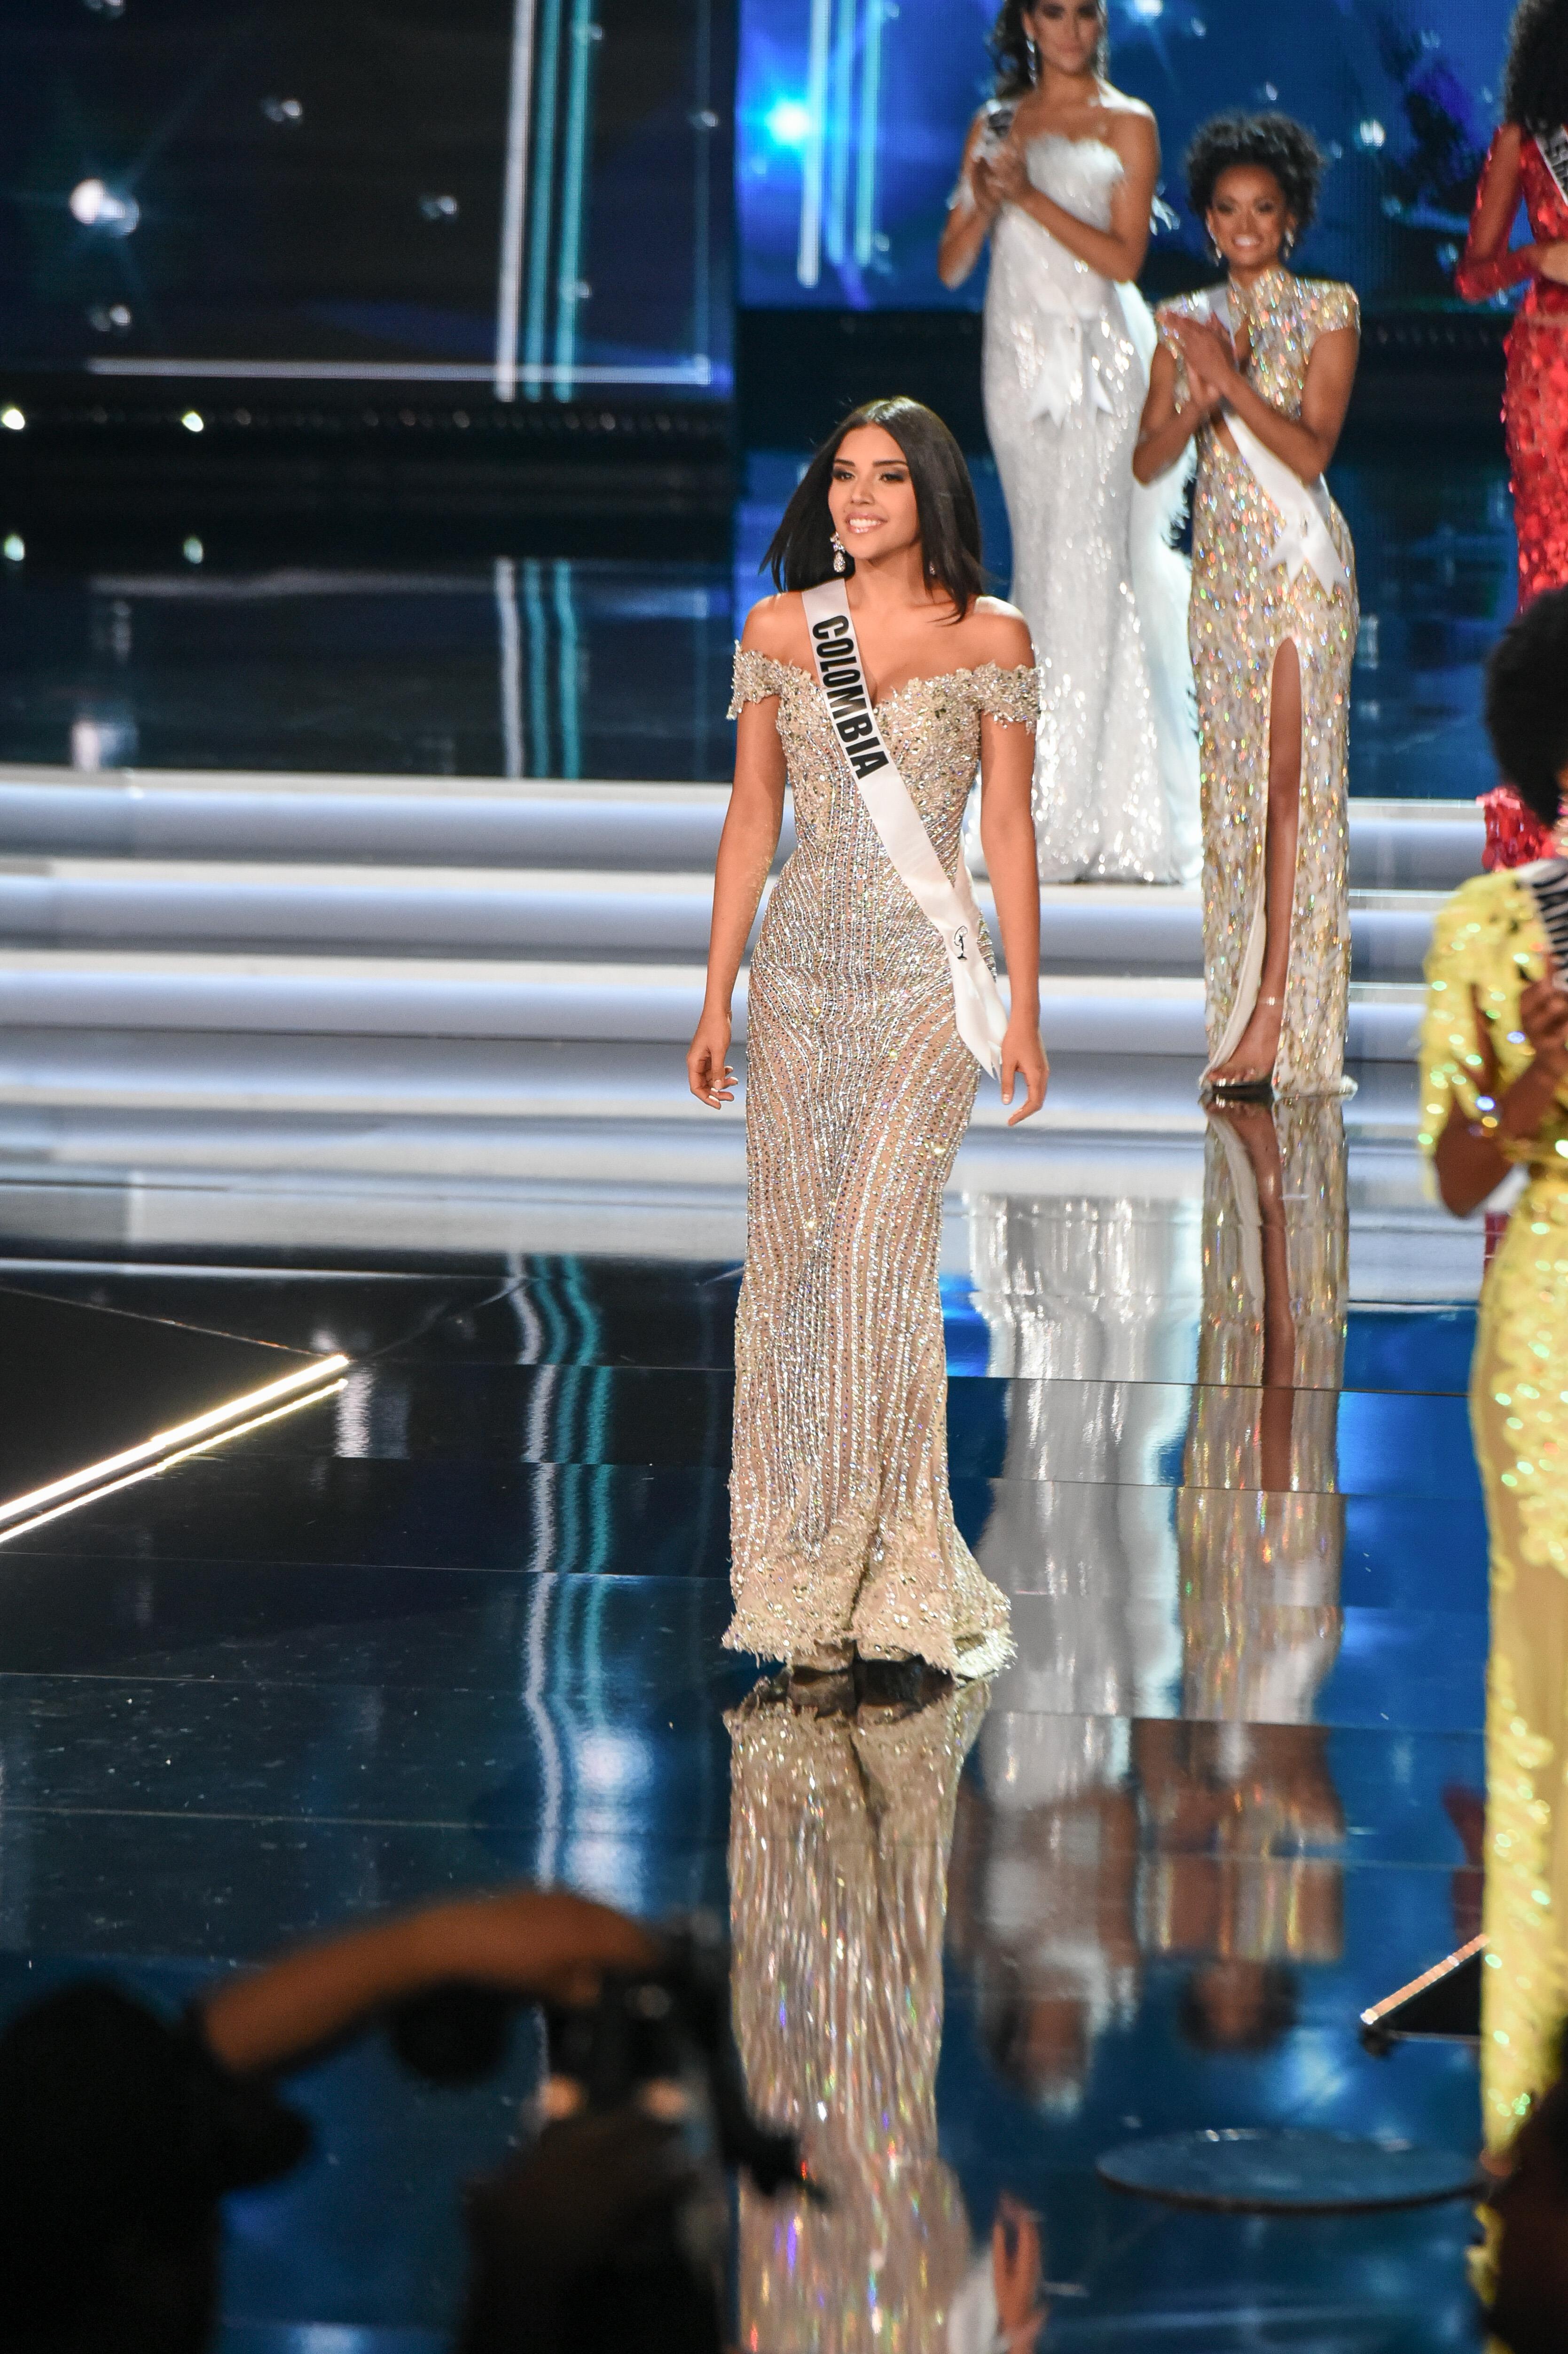 b72eb2f6d Miss Universo 2017  Los trajes de gala que más brillaron